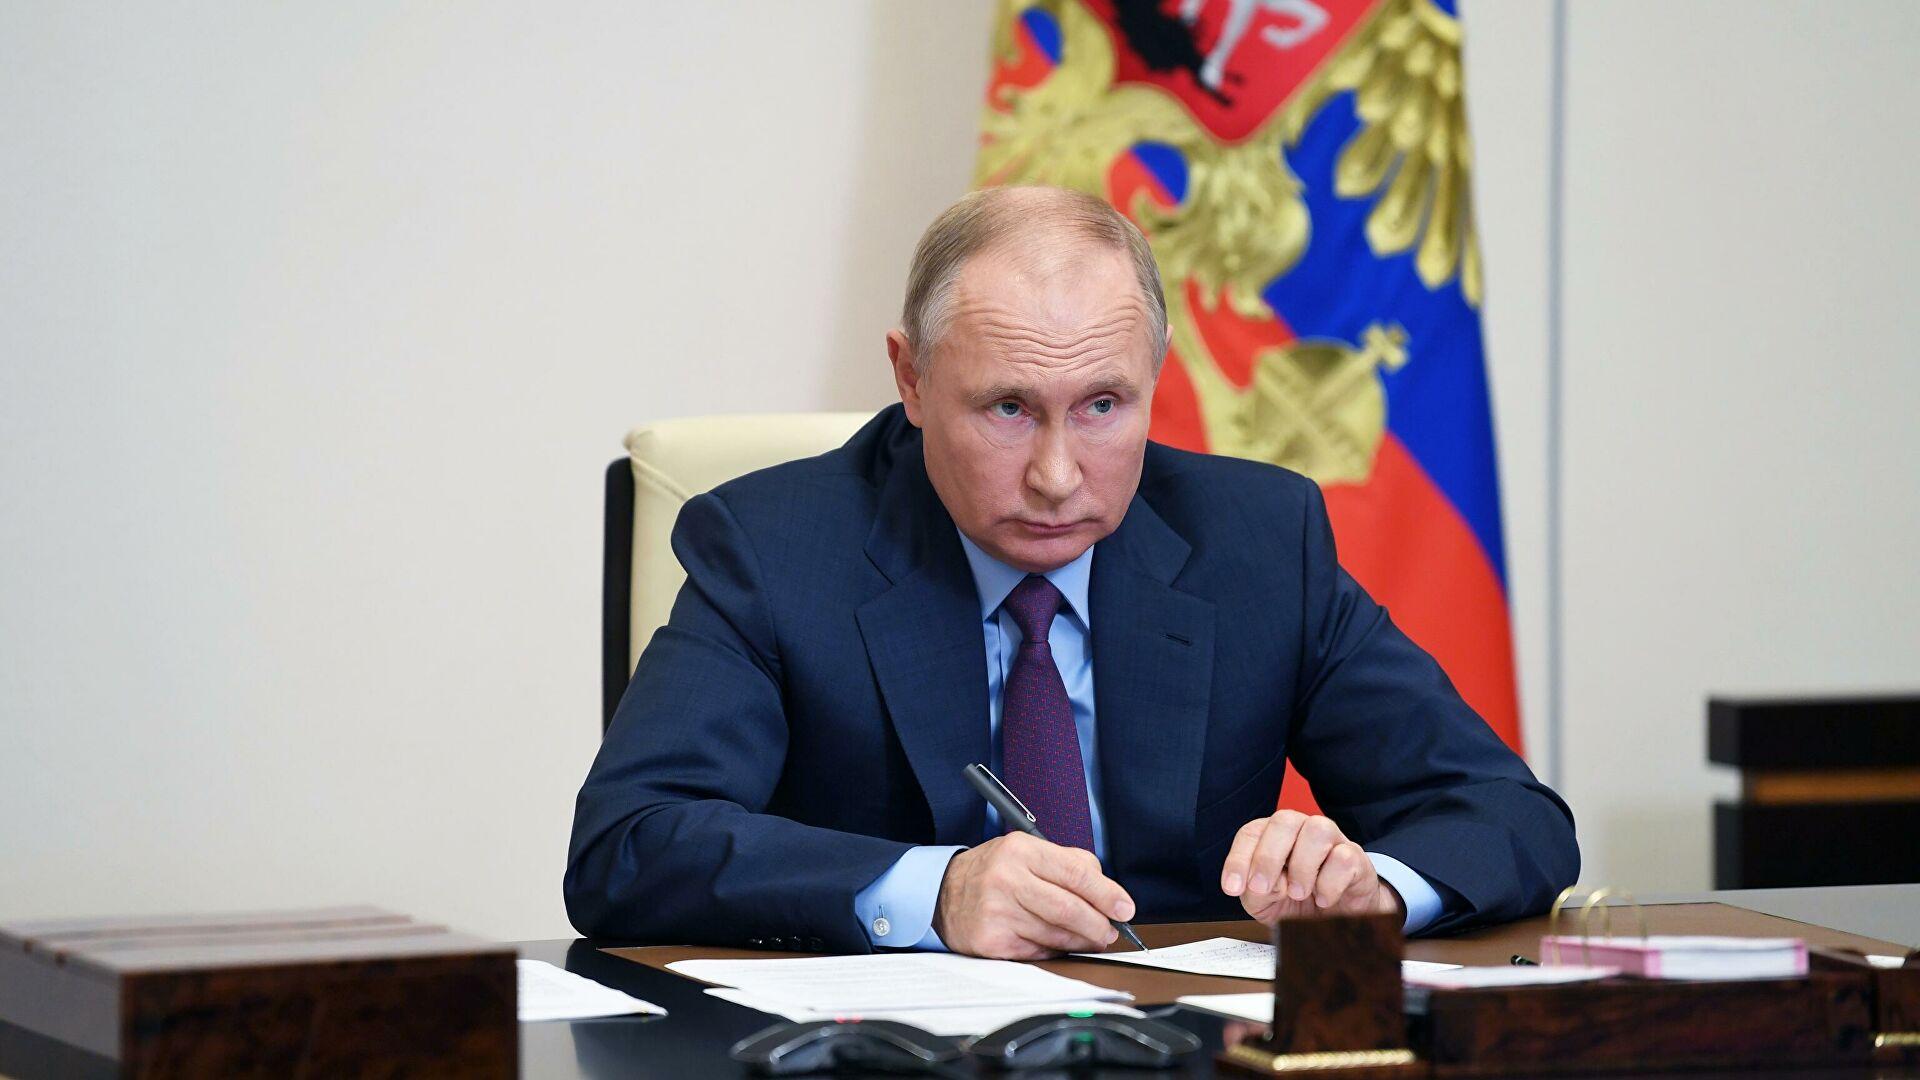 Putin: Rusija se suočava sa politikom obuzdavanja čiji je cilj podrivanje vrednosti i narušavanje razvoja zemlje